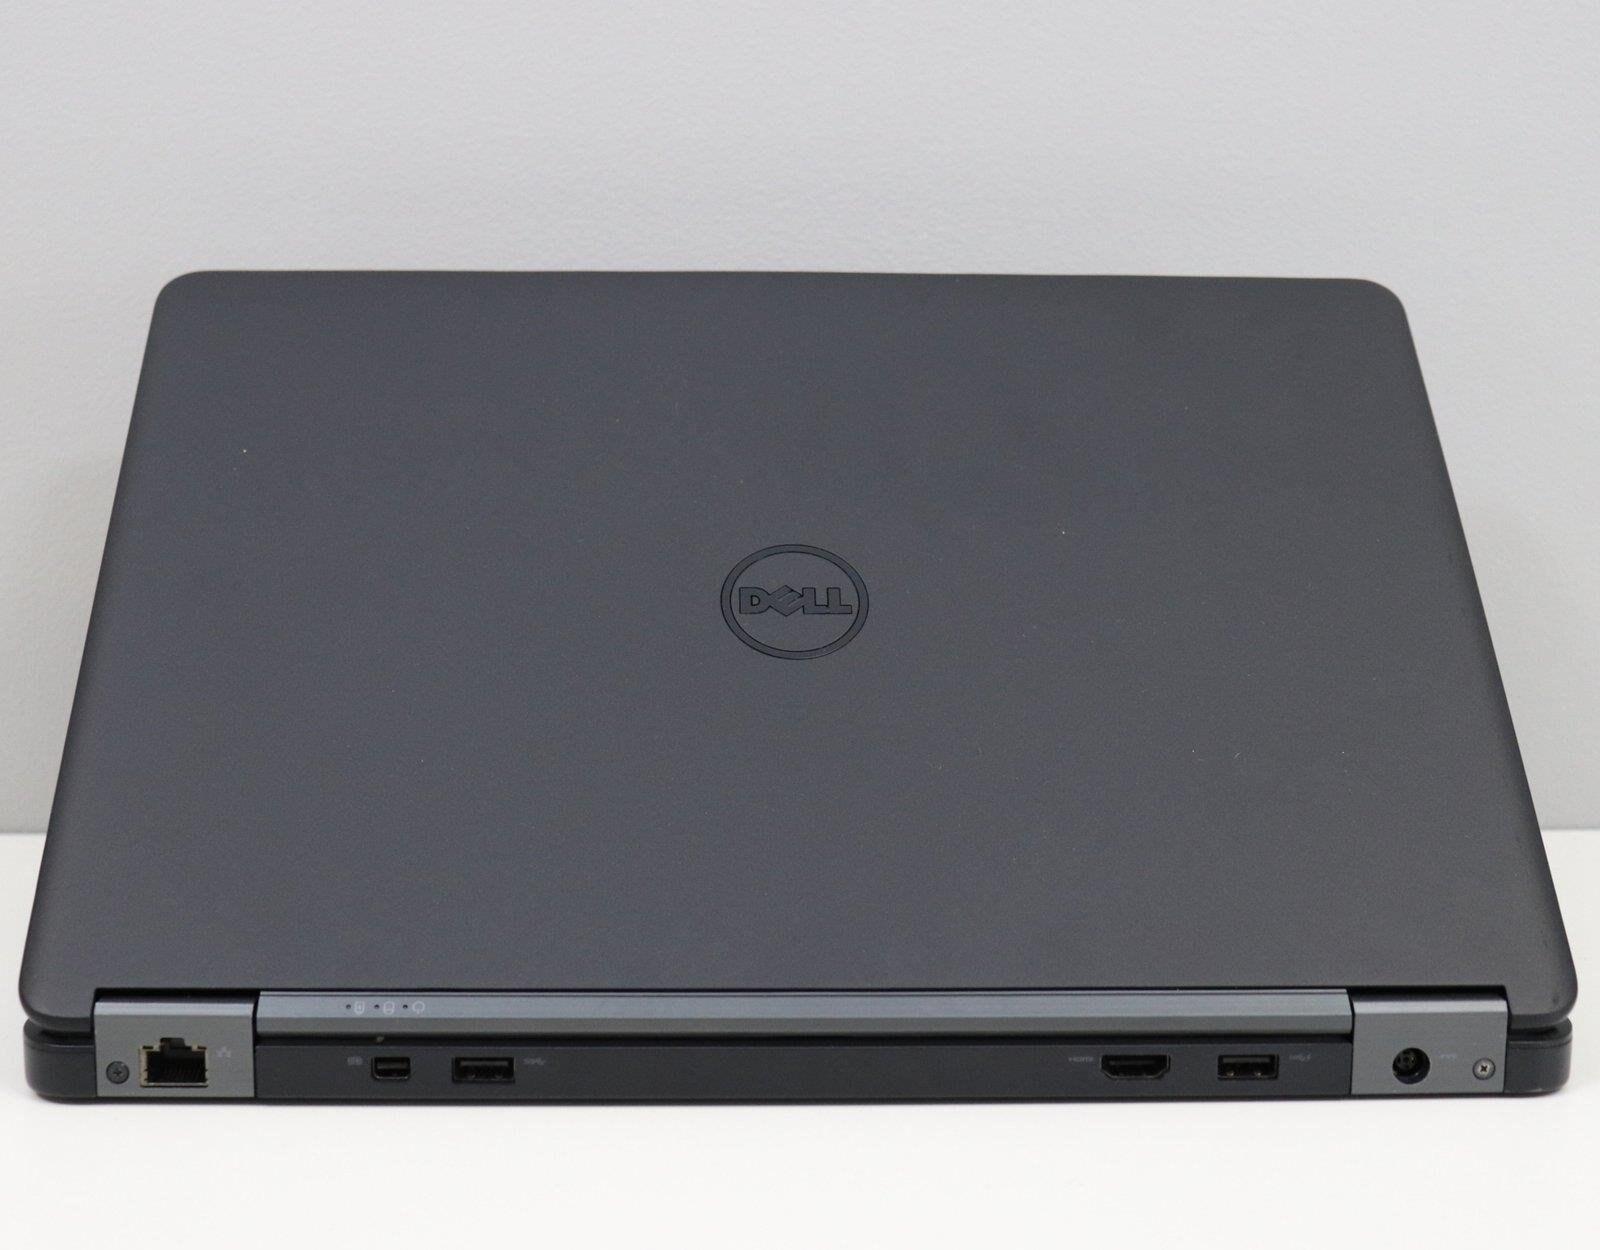 Laptop Dell Latitude E7450 i5 - 5 generacji / 8 GB / 250 GB HDD / 14 HD / Klasa A- - 5